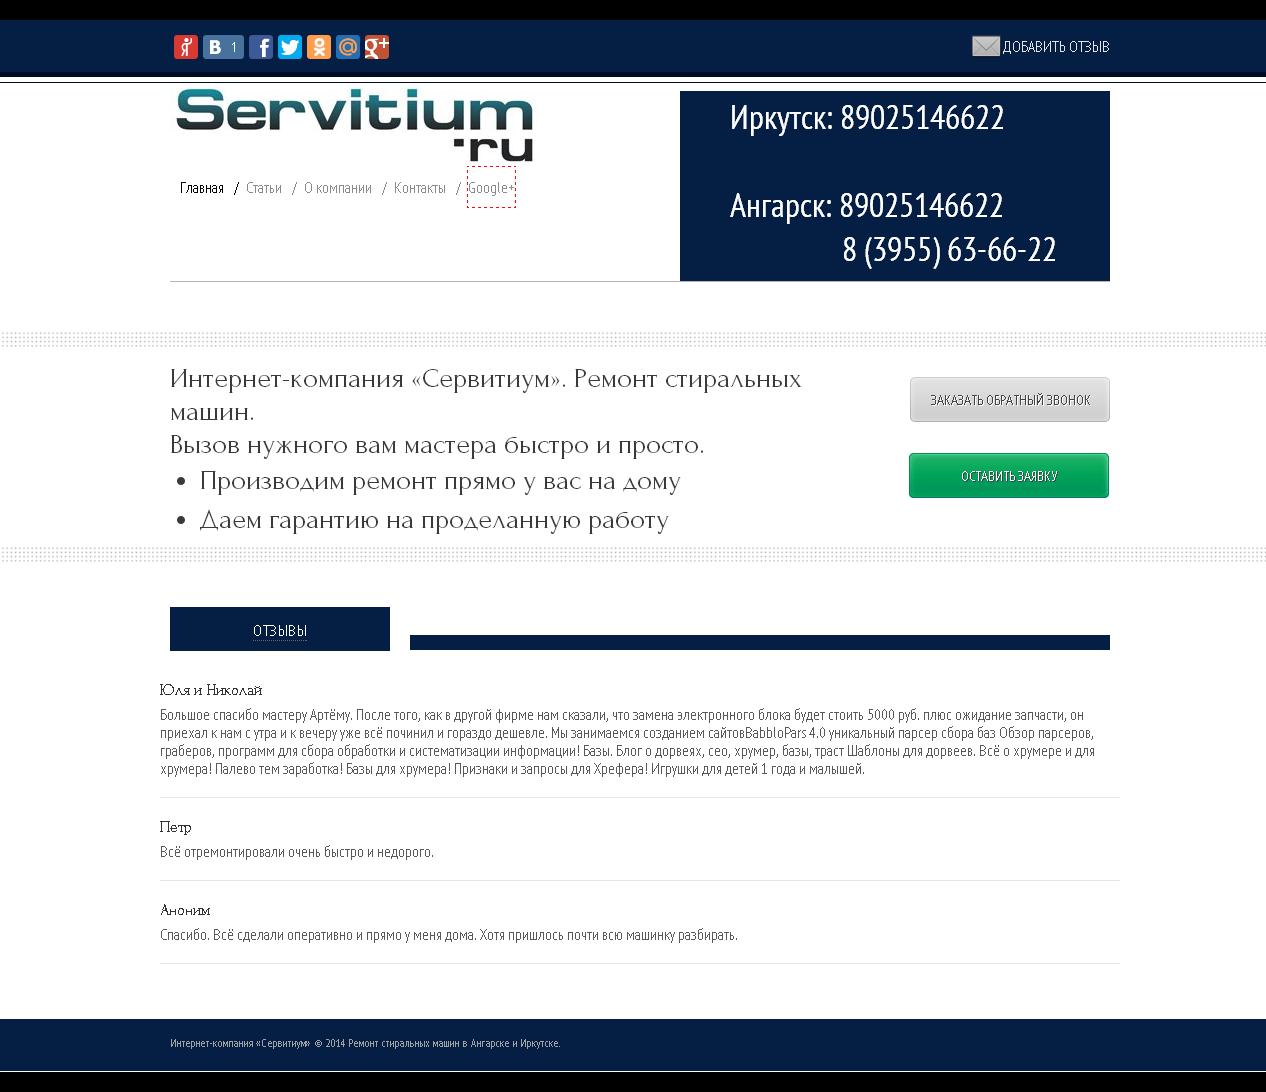 Генератор проектов xrumer аренда knife сервера cs 1.6